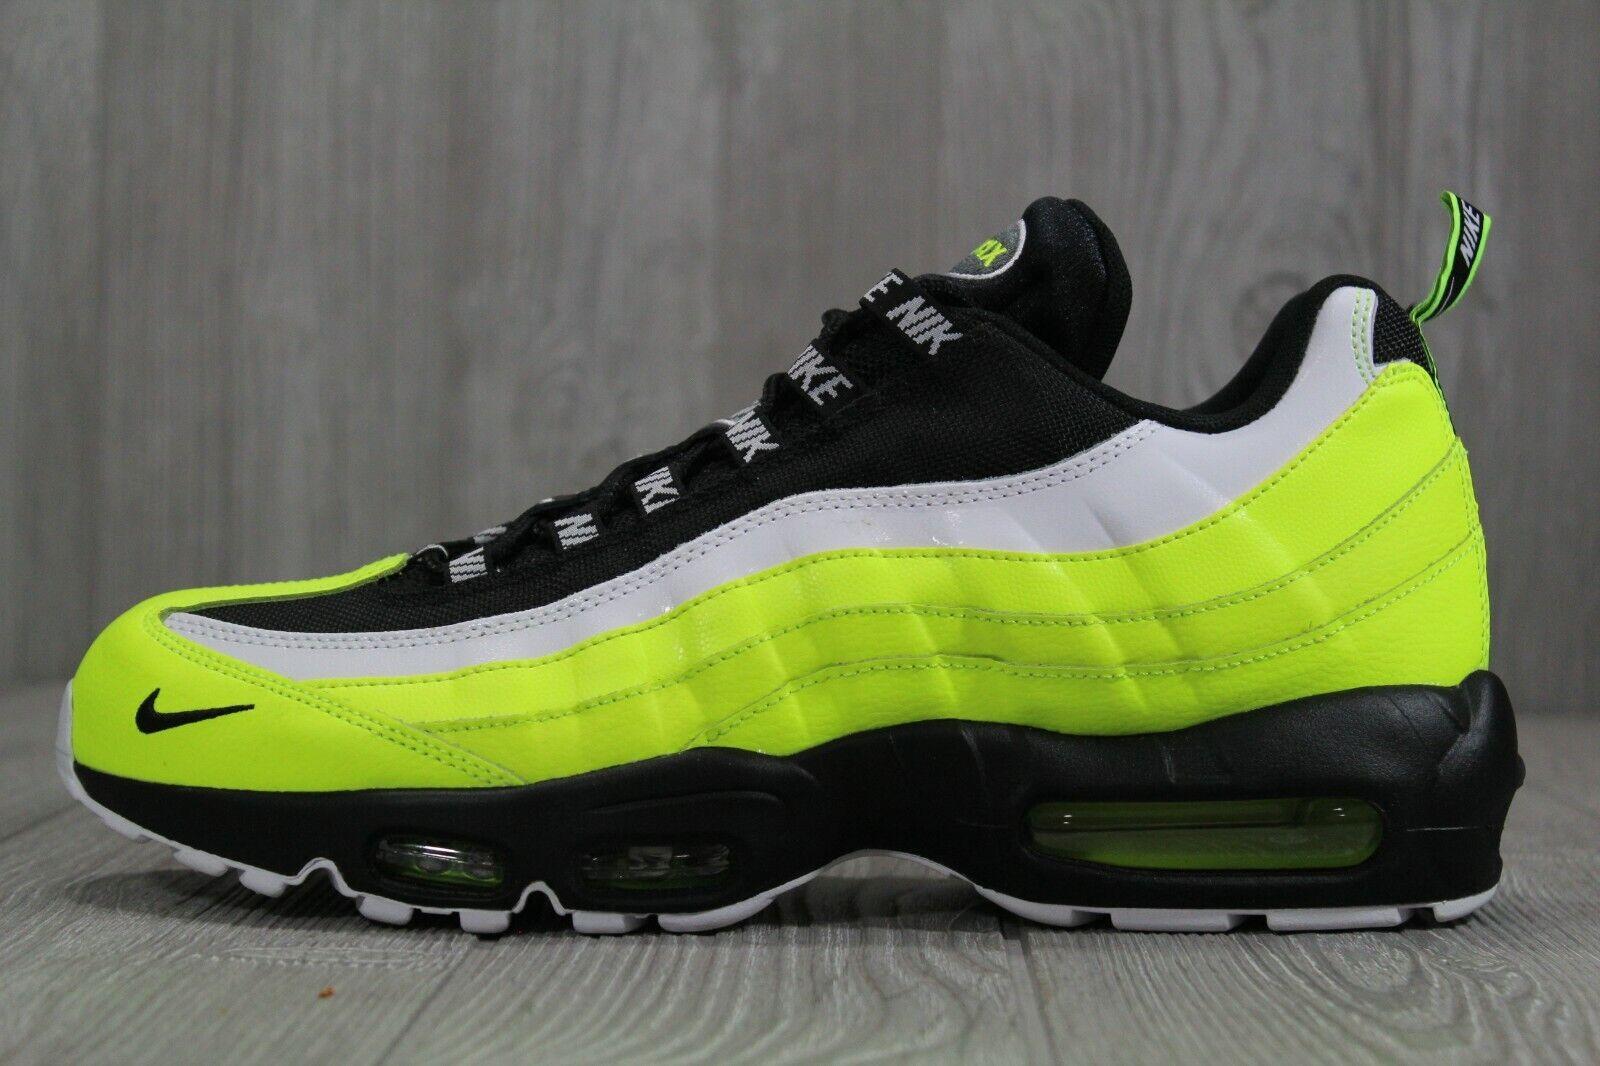 43 New Nike Air Max  95 PRM Volt nero Neon scarpe 538416 -701 Men's Dimensione 10.5 11  vendita calda